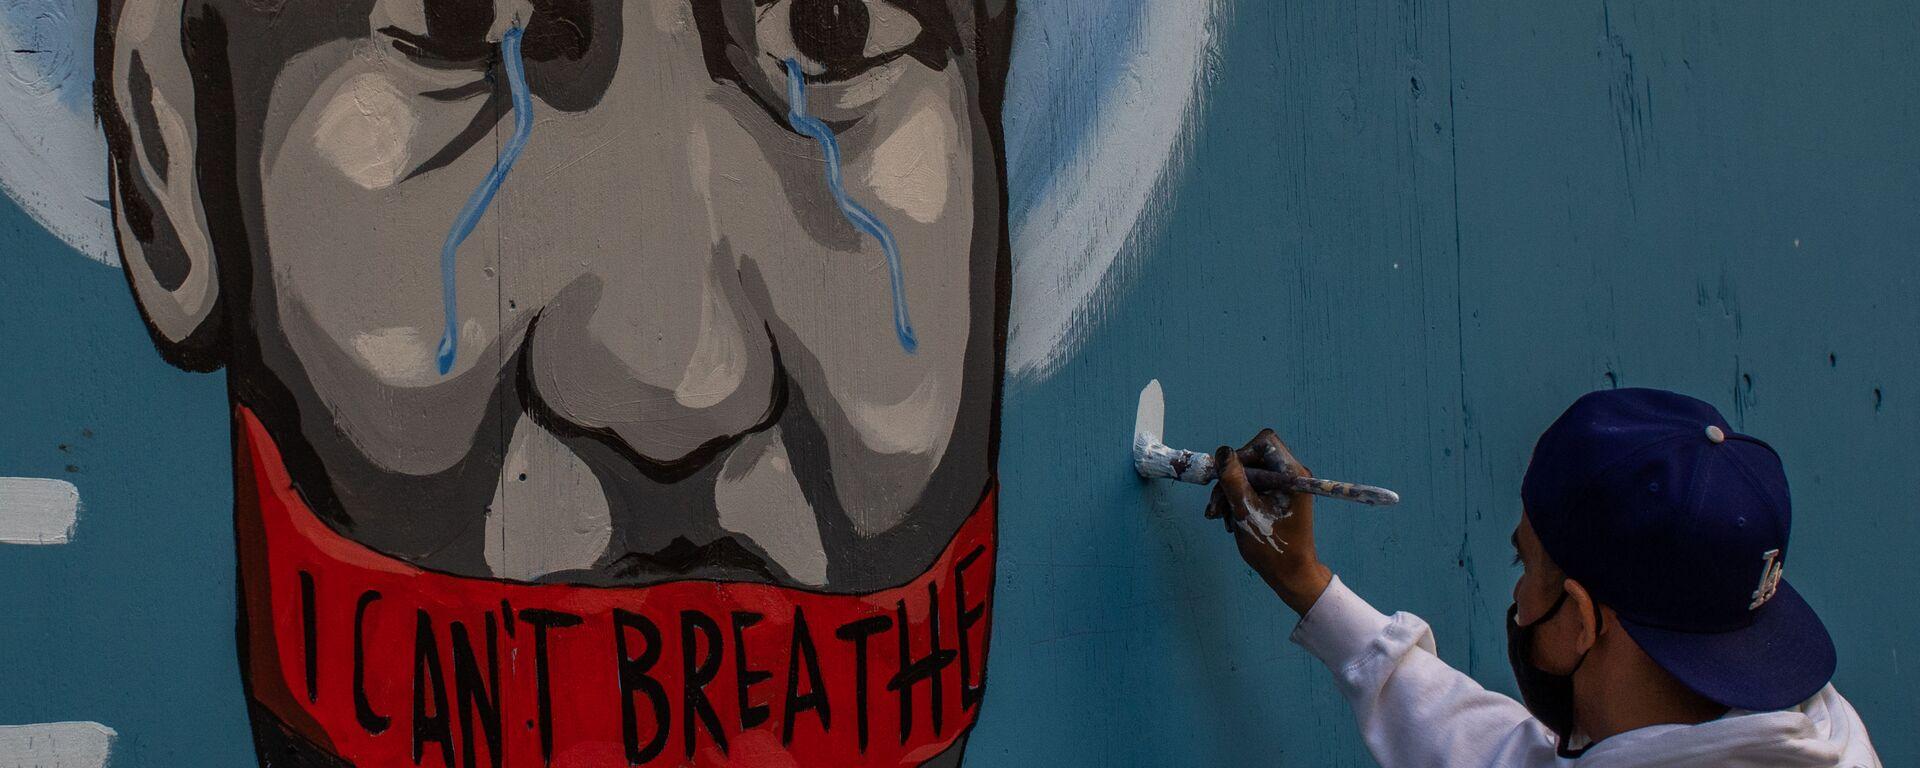 Граффити с изображением убитого полицейским афроамериканца Джорджа Флойда в Лос-Анджелесе - Sputnik Ελλάδα, 1920, 25.05.2021